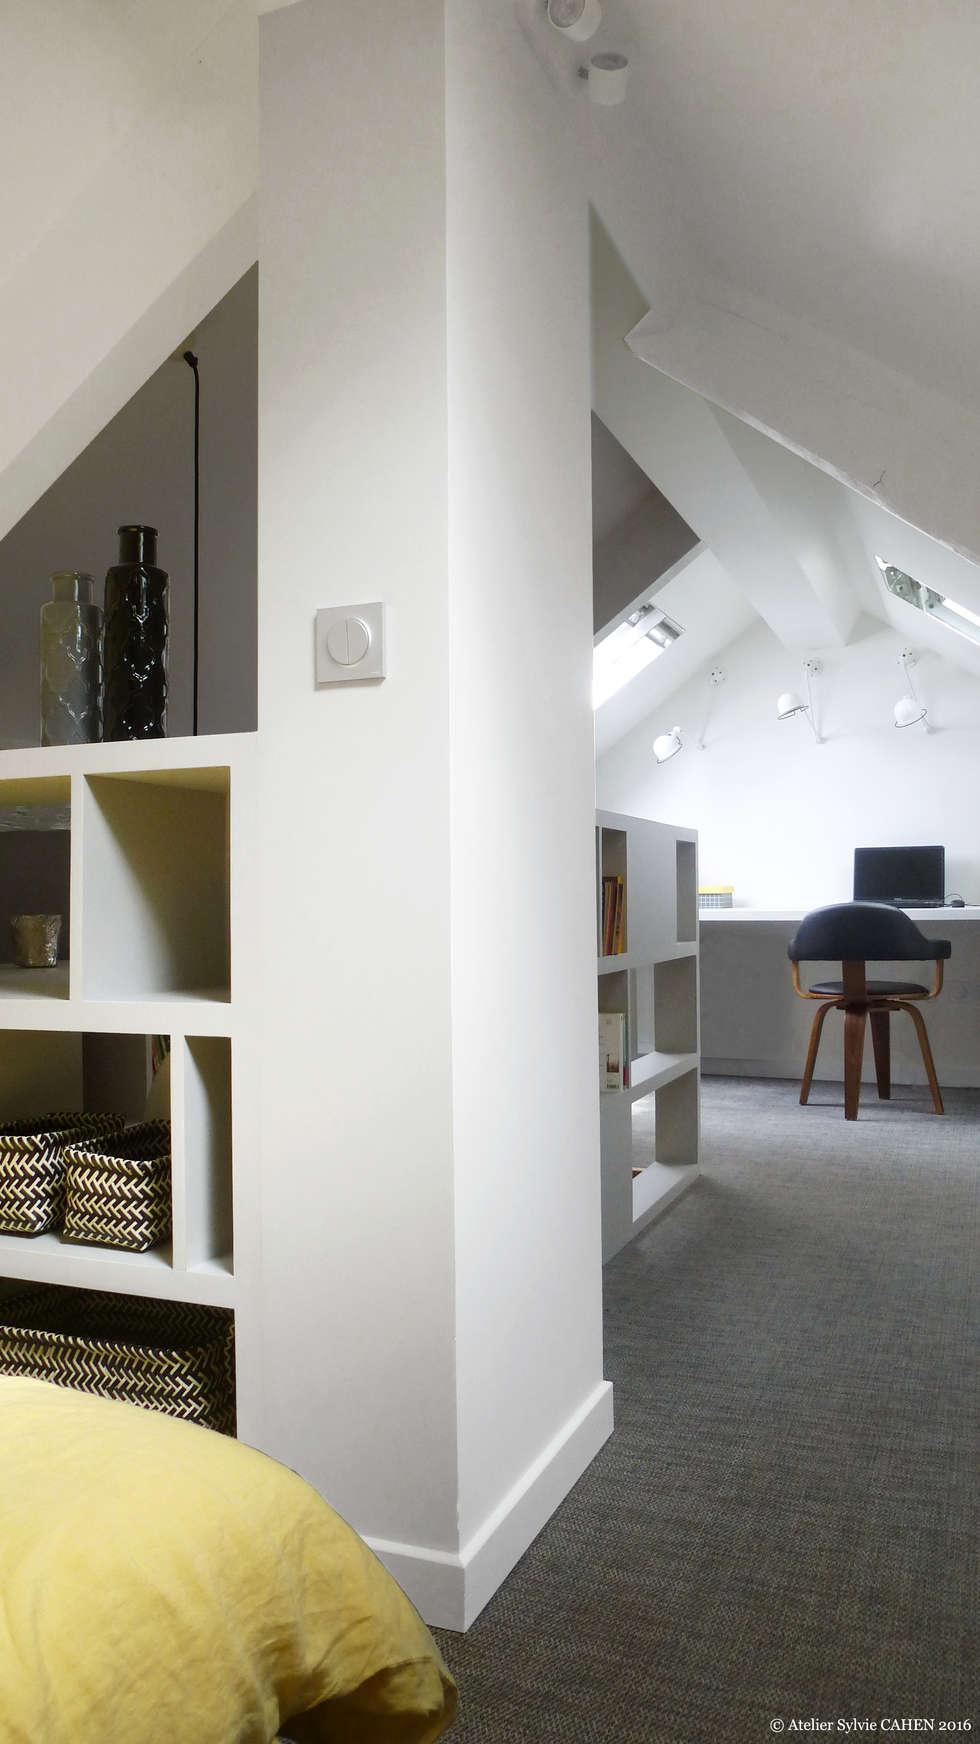 Avenue de Choisy: Bureau de style de style Moderne par Atelier Sylvie Cahen